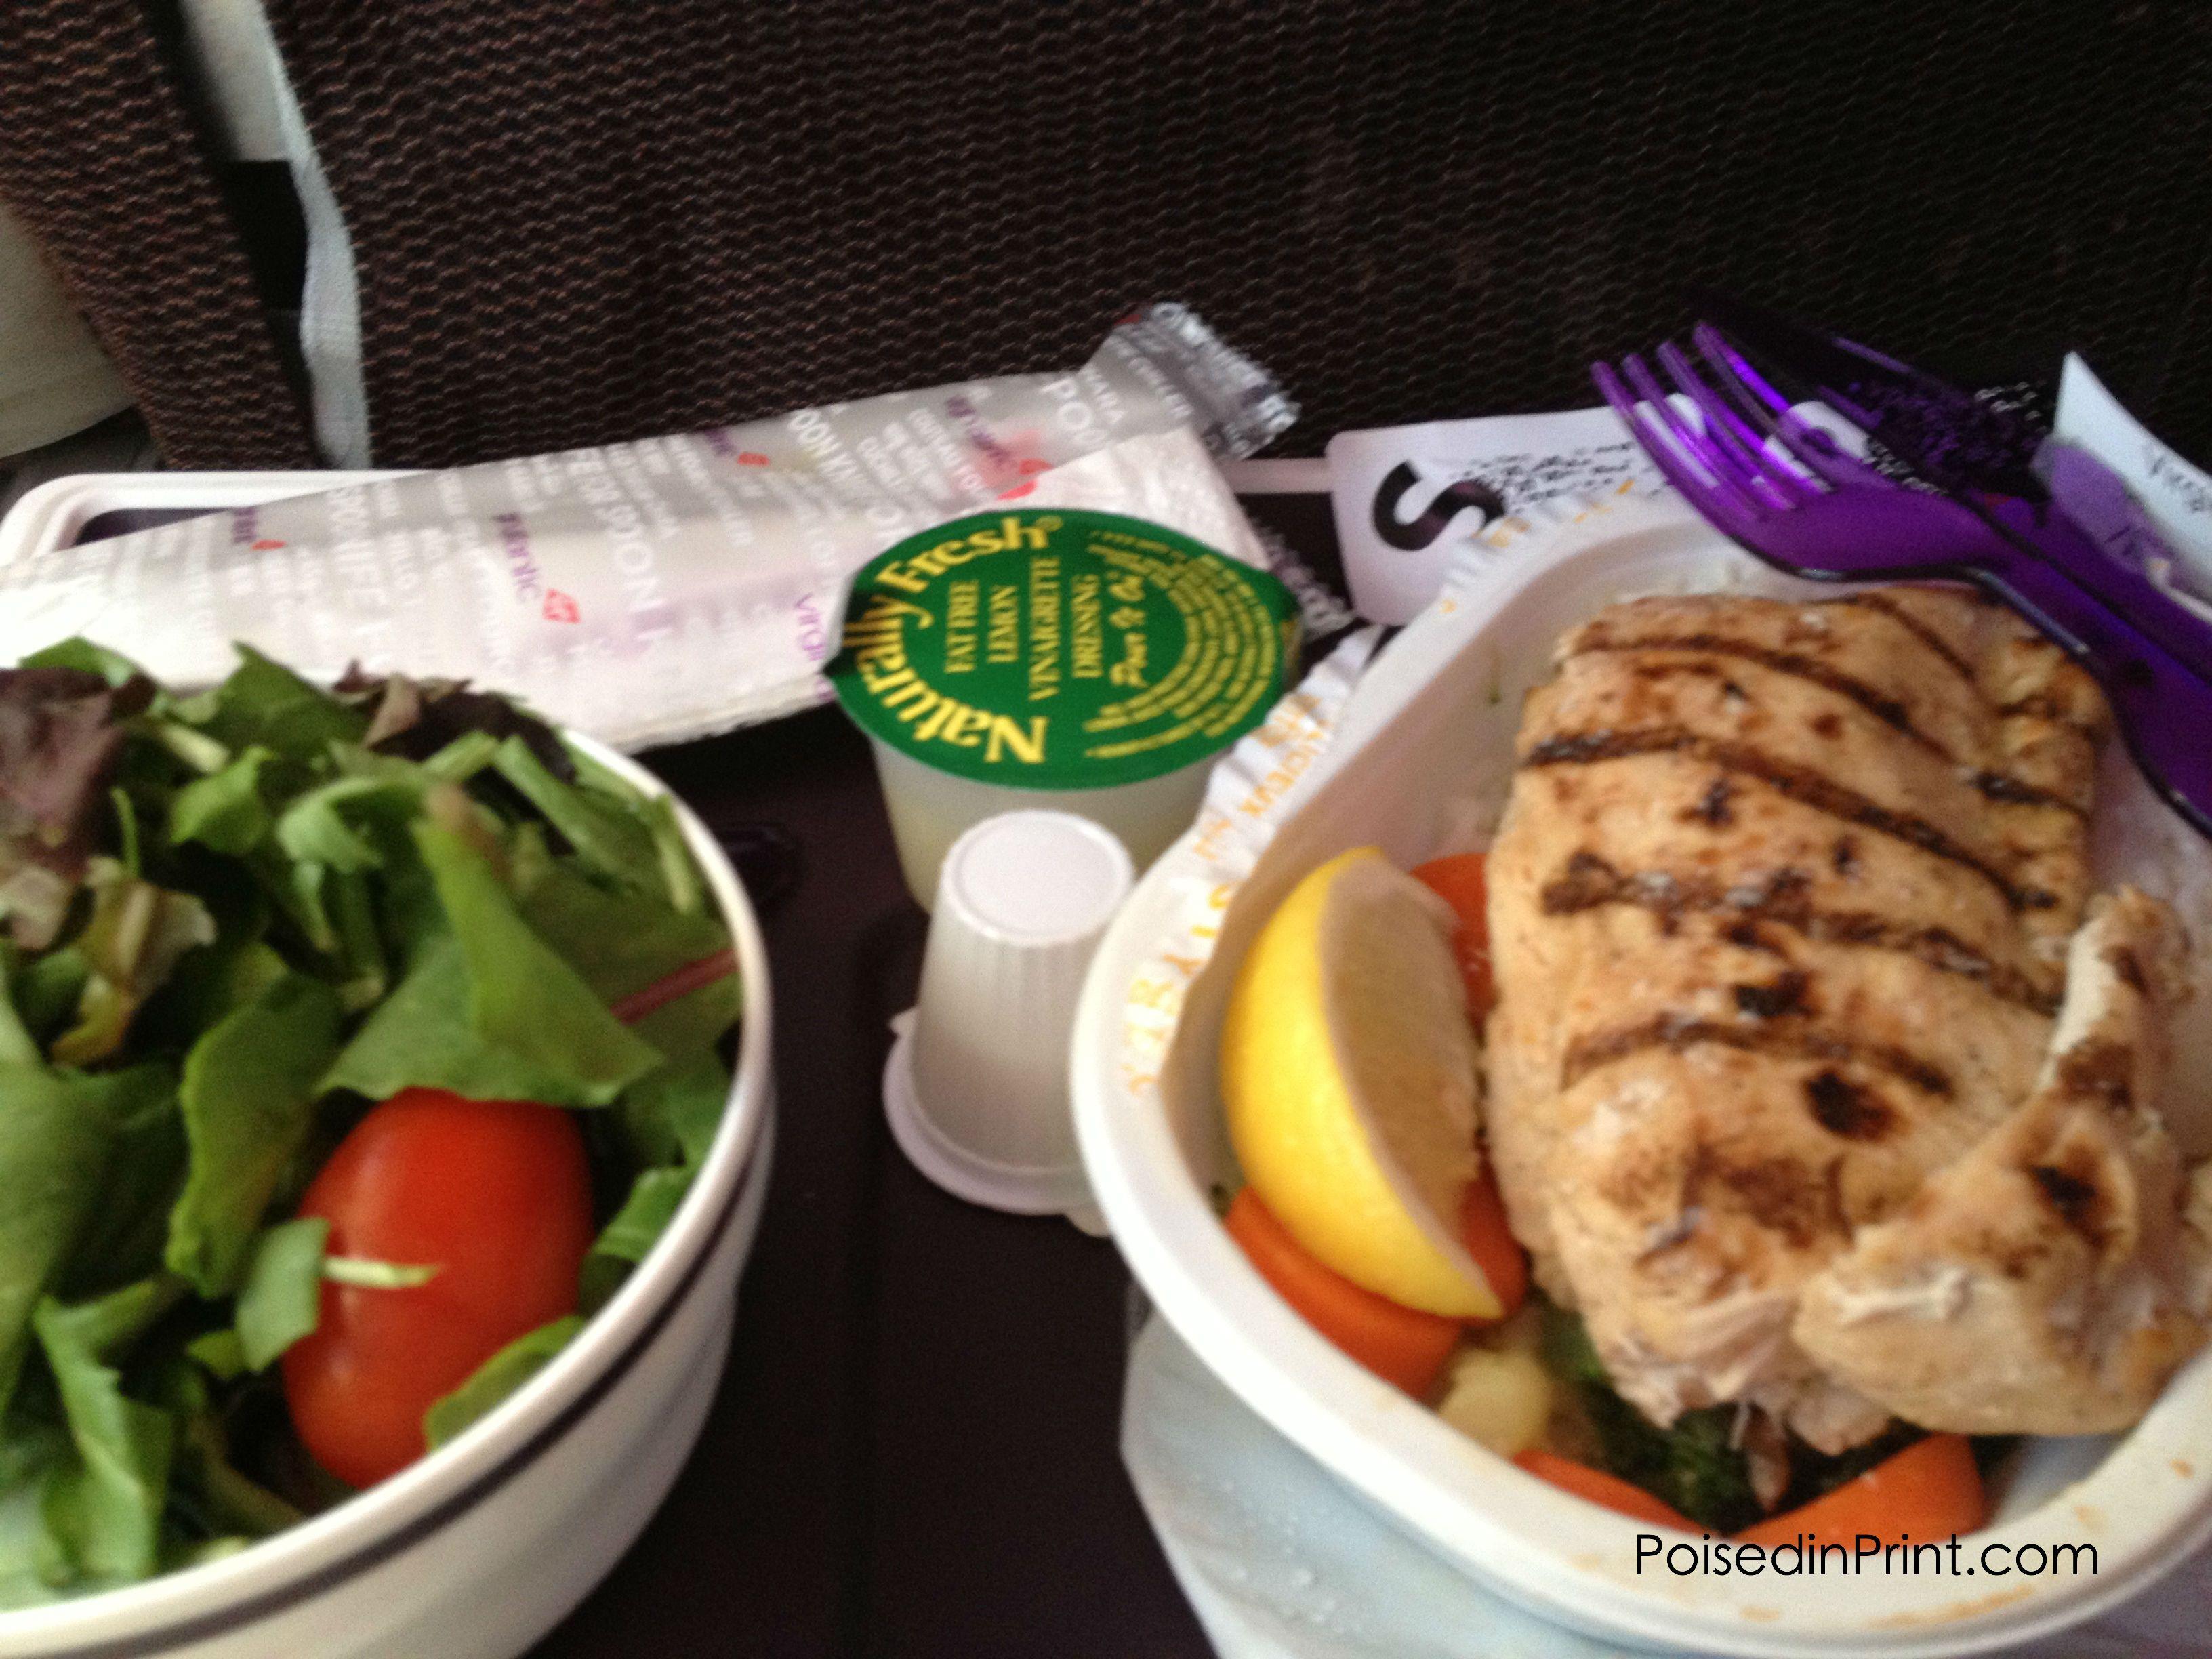 Gluten free airplane food diet health pcos glutenfree